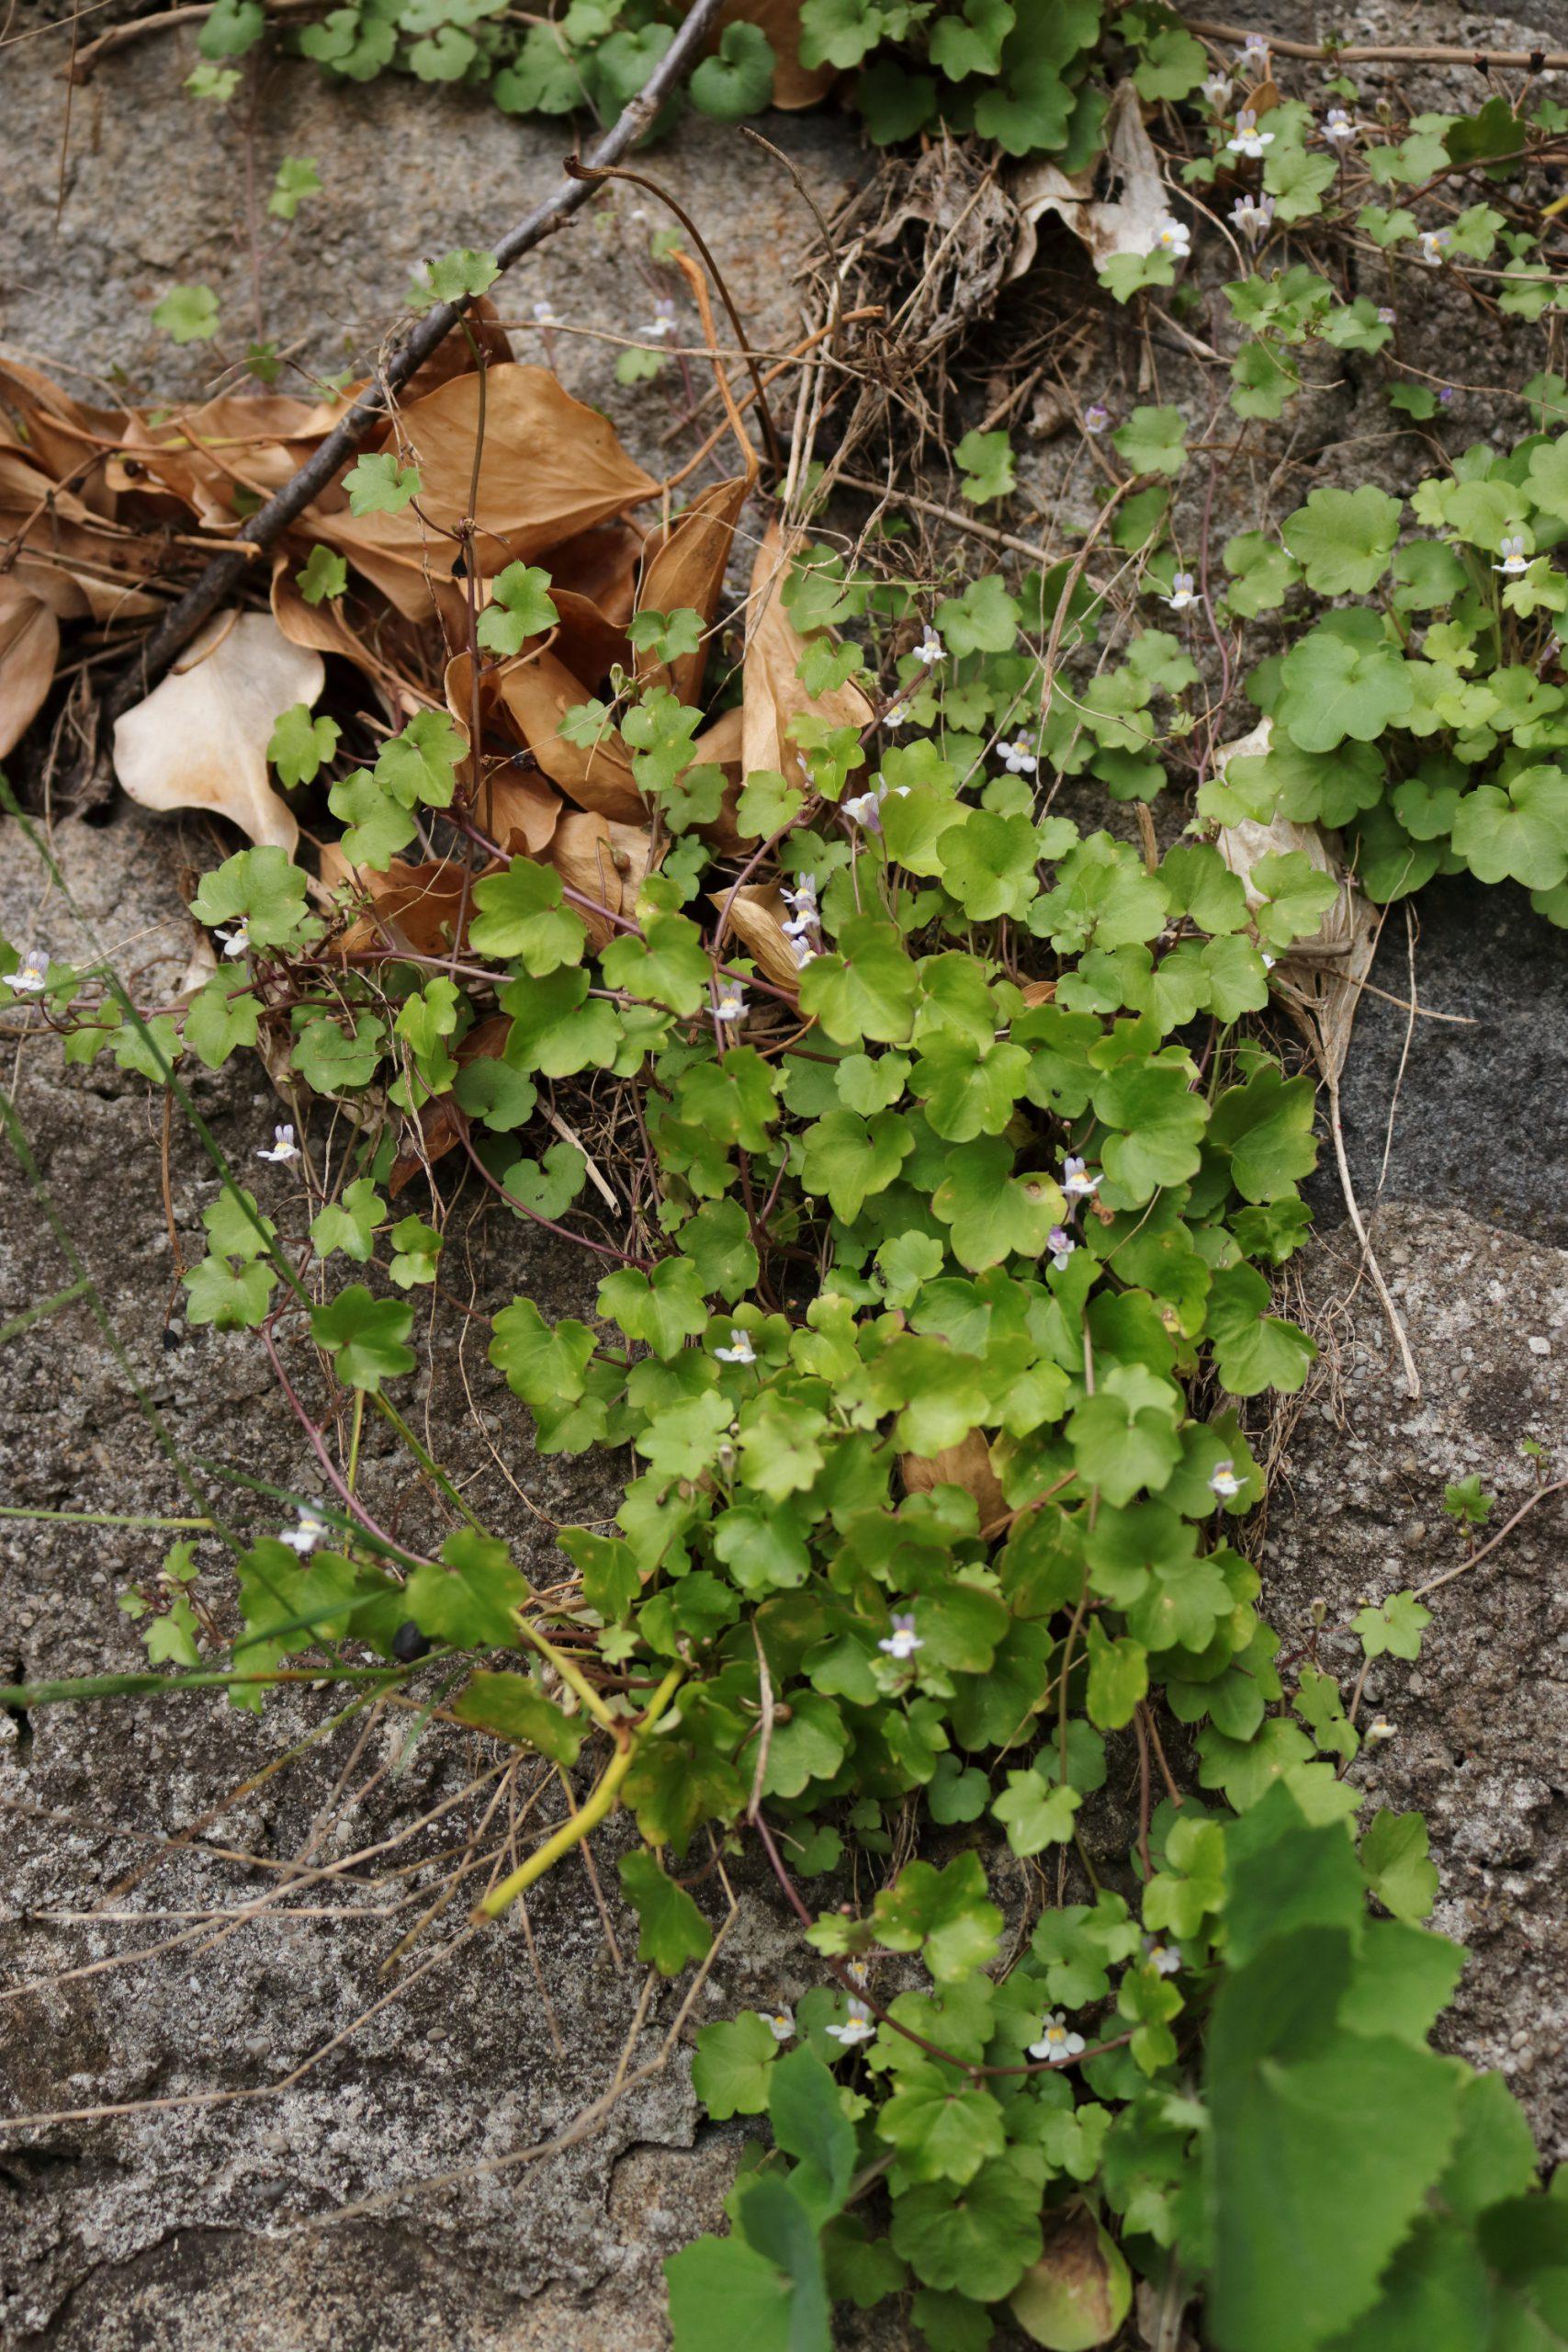 Mauer-Zimbelkraut (Gesamte Pflanze)